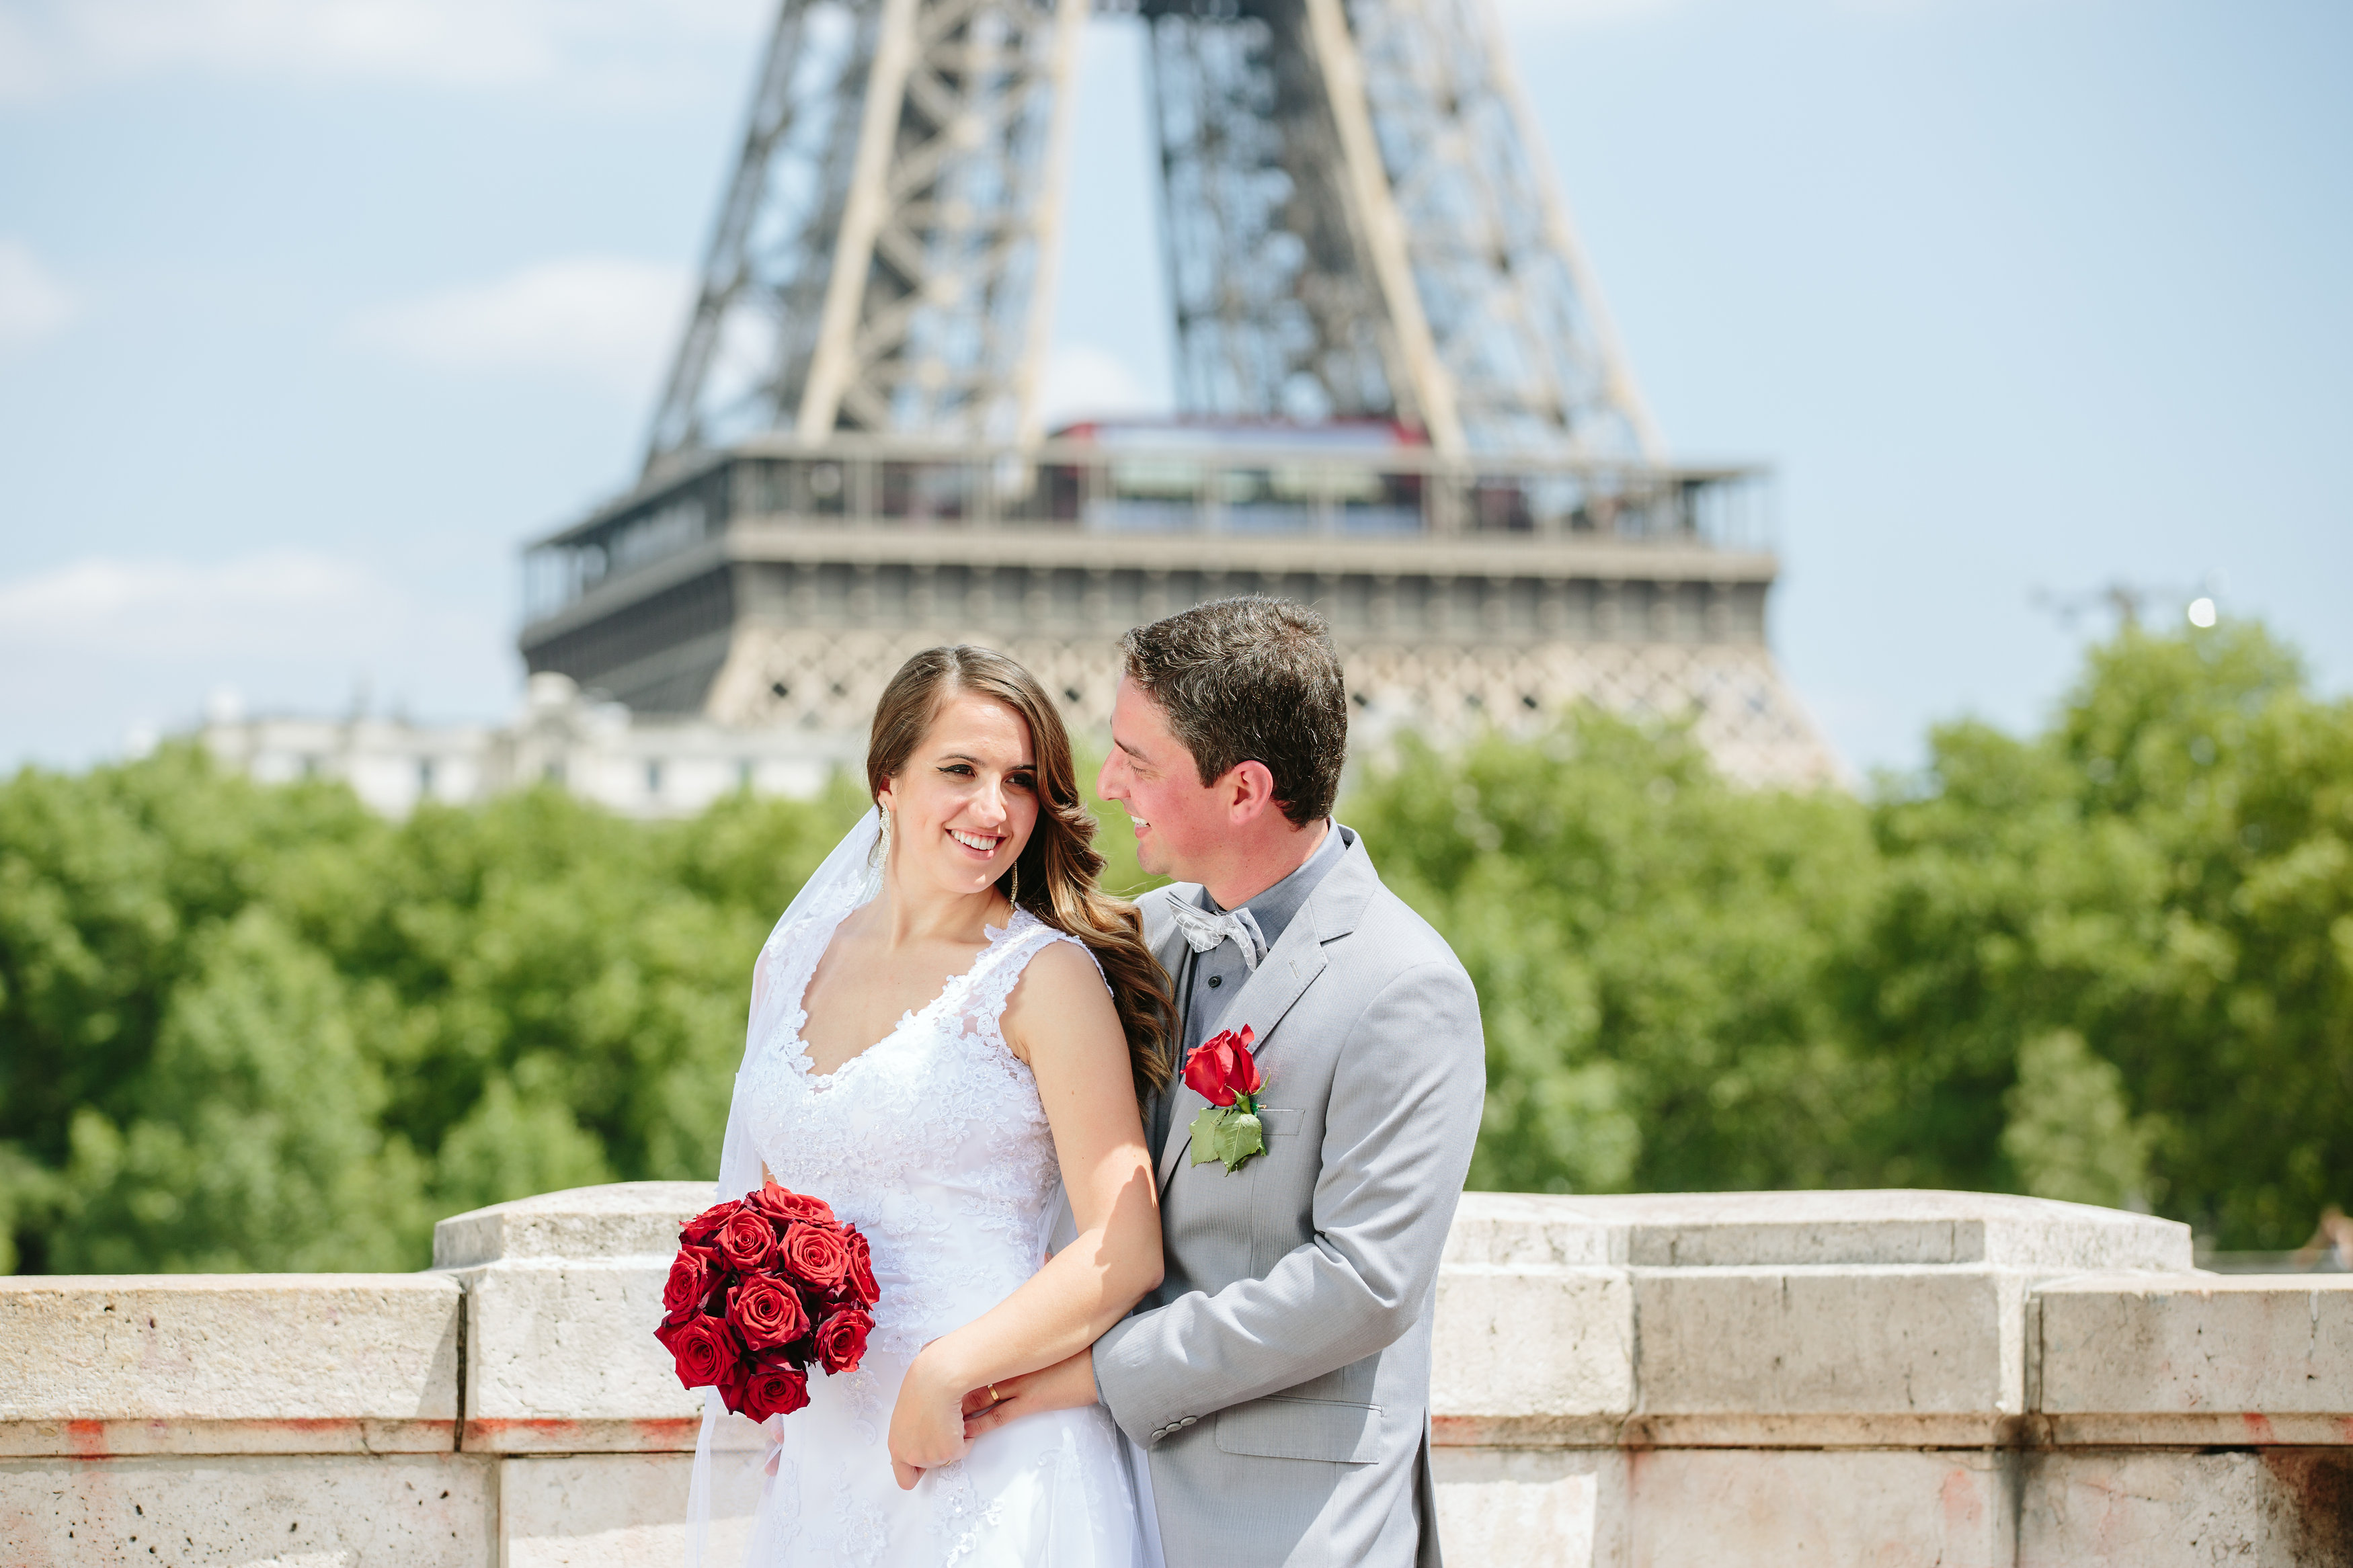 Direto de Paris, a jornalista Amanda Munhoz e o comentarista esportivo Filipe Gambá